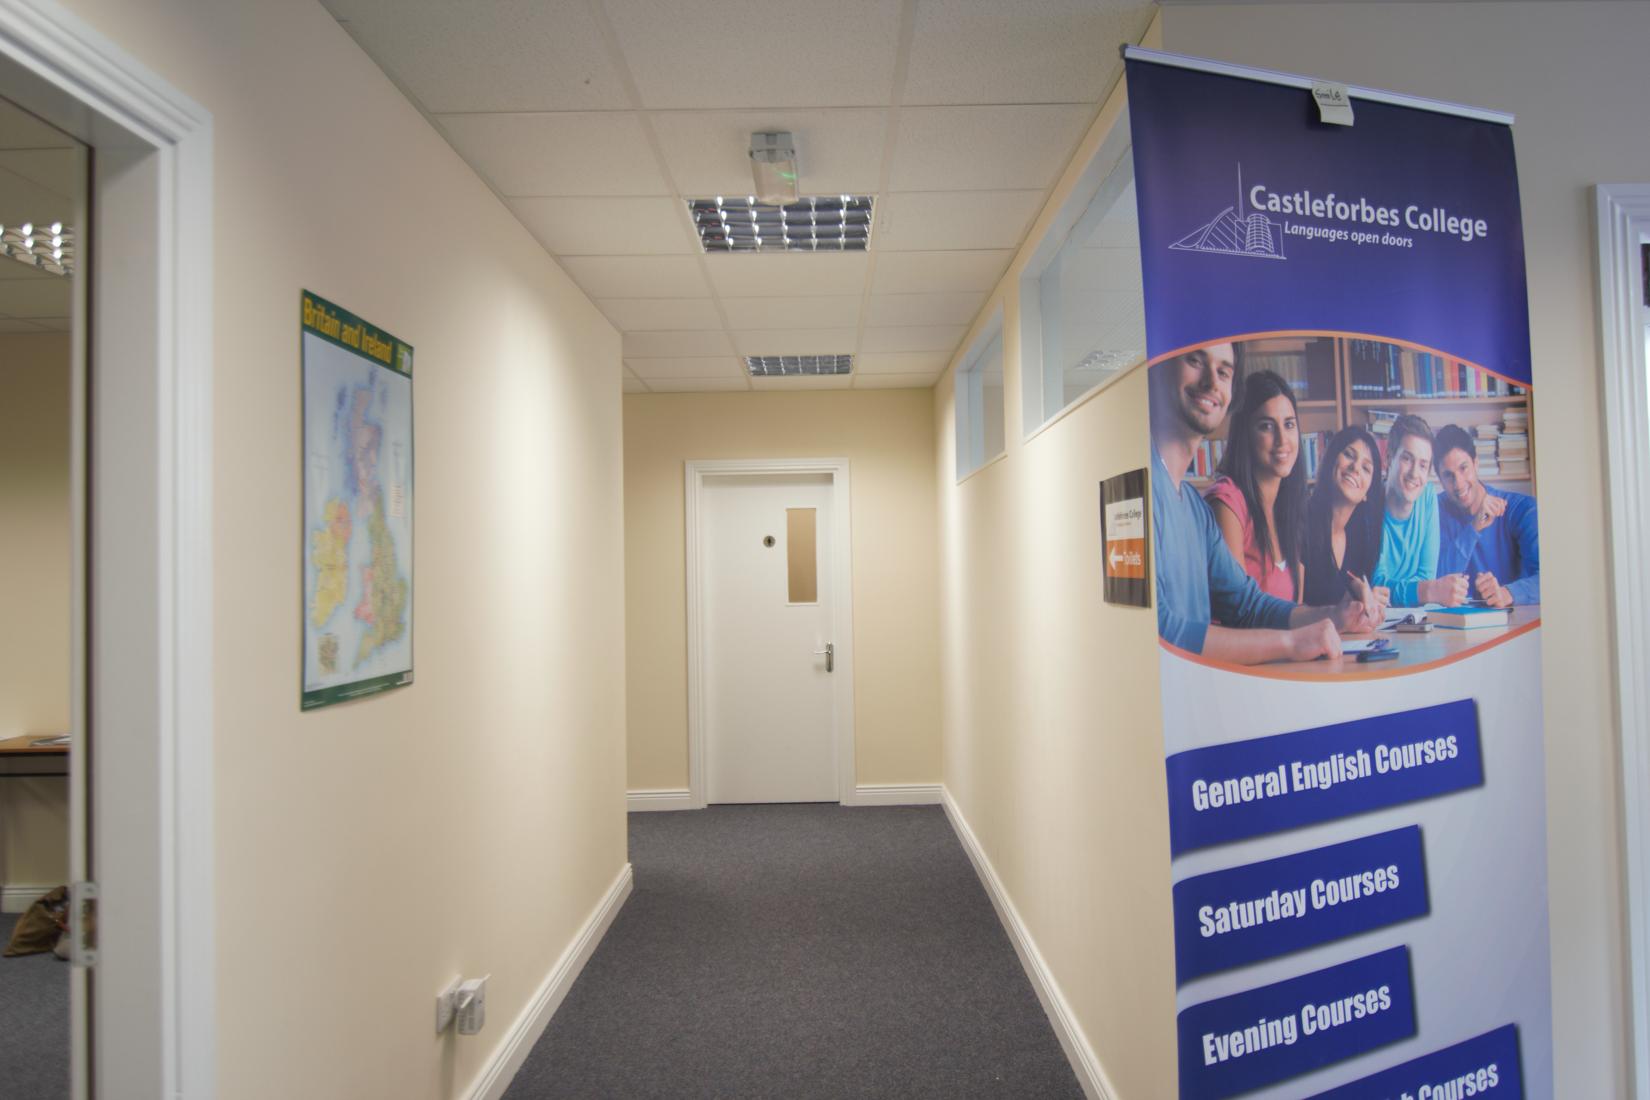 Castleforbes College es una escuela acogedora y moderna orientada a sus alumnos, la cual pretende satisfacer la gran demanda de estudiantes internacionales que buscan calidad educativa. Castleforbes College consigue esto proporcionando cursos de idiomas de gran calidad para todos los niveles a un precio excelente.